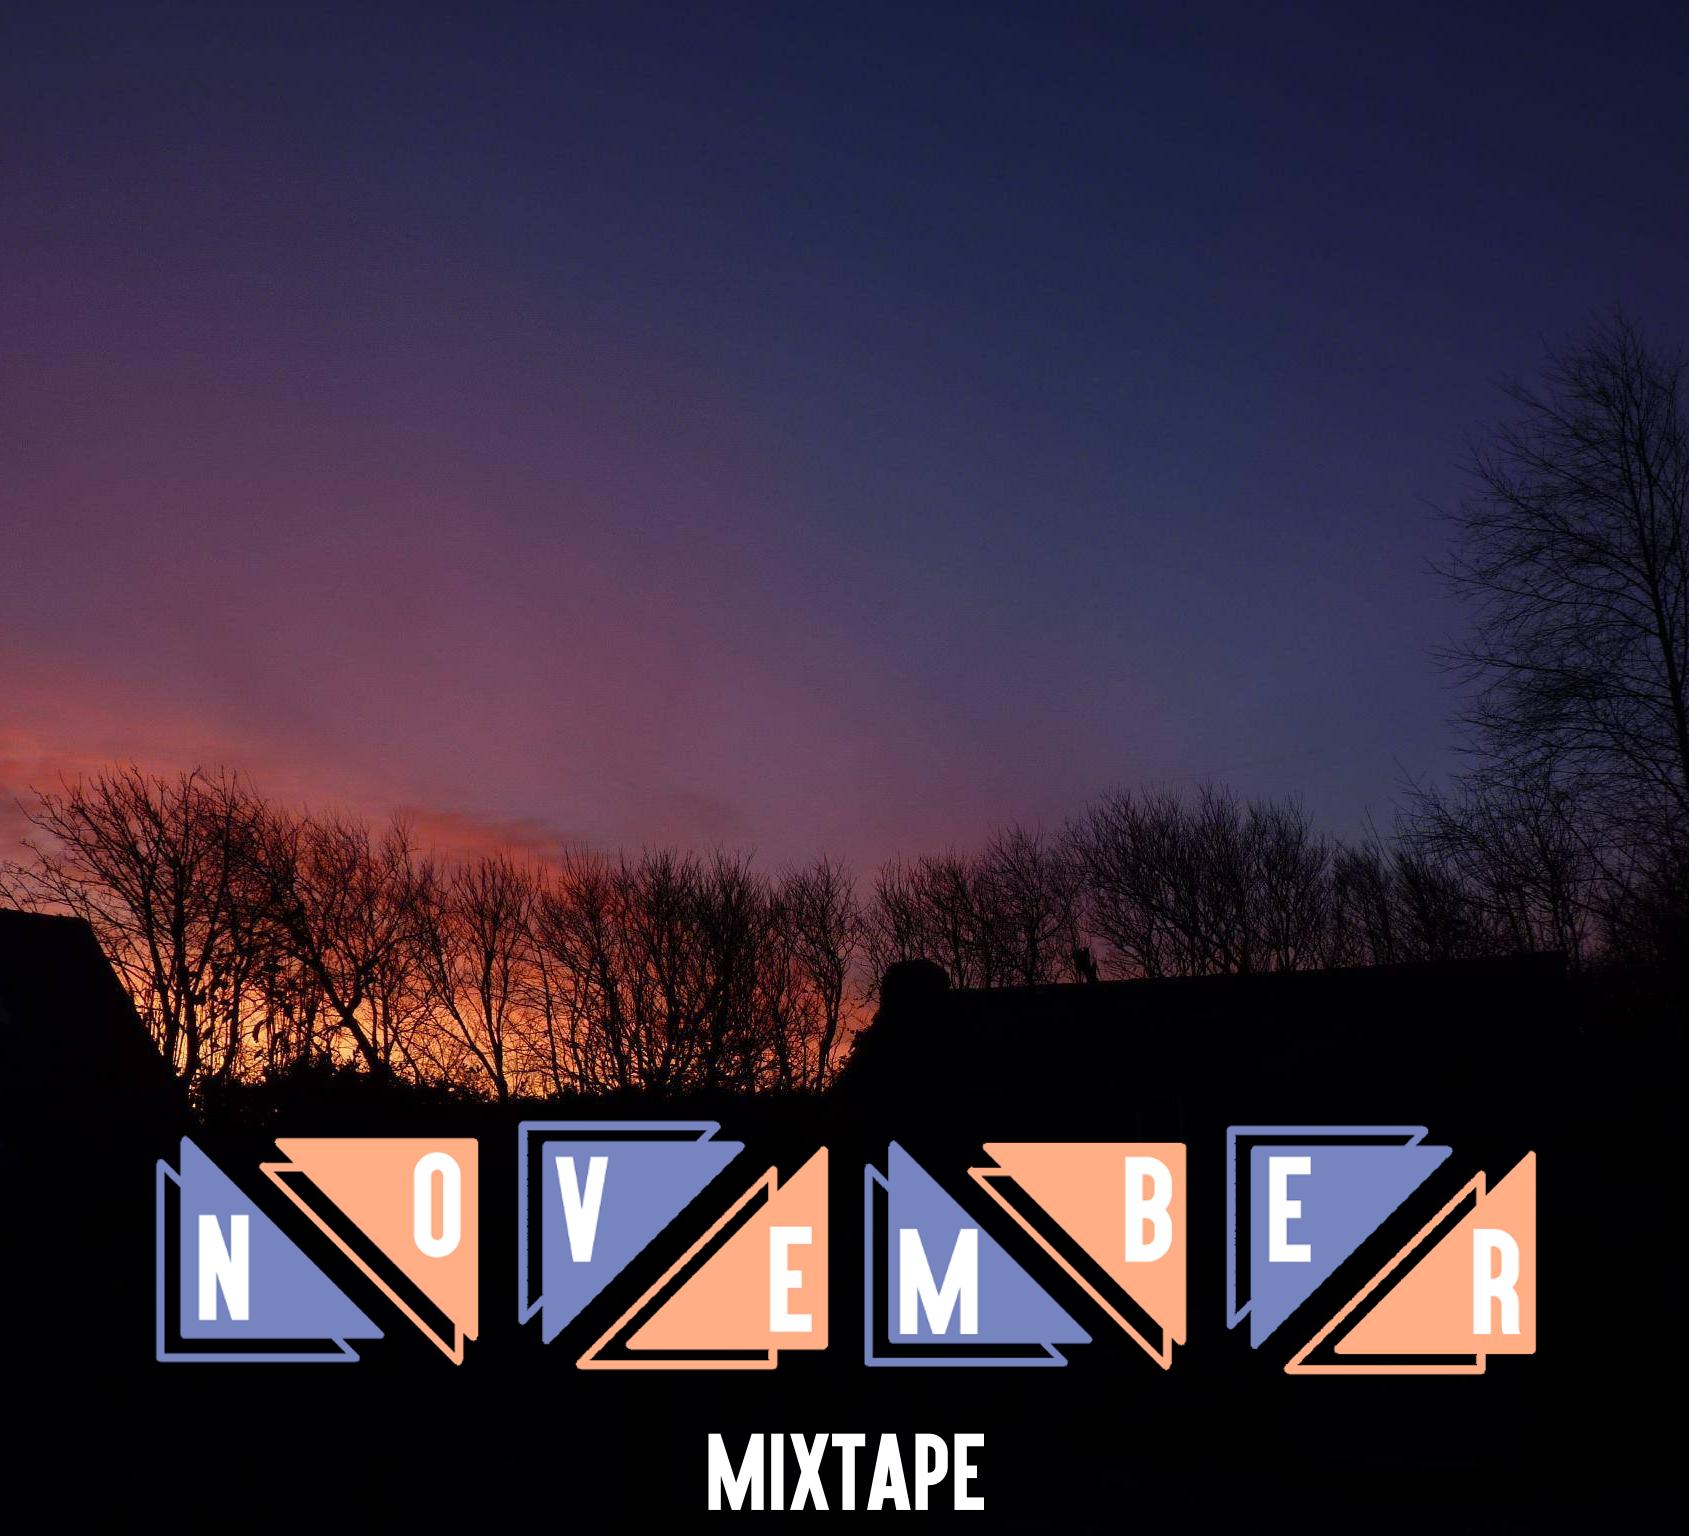 various small flames november mix artwork